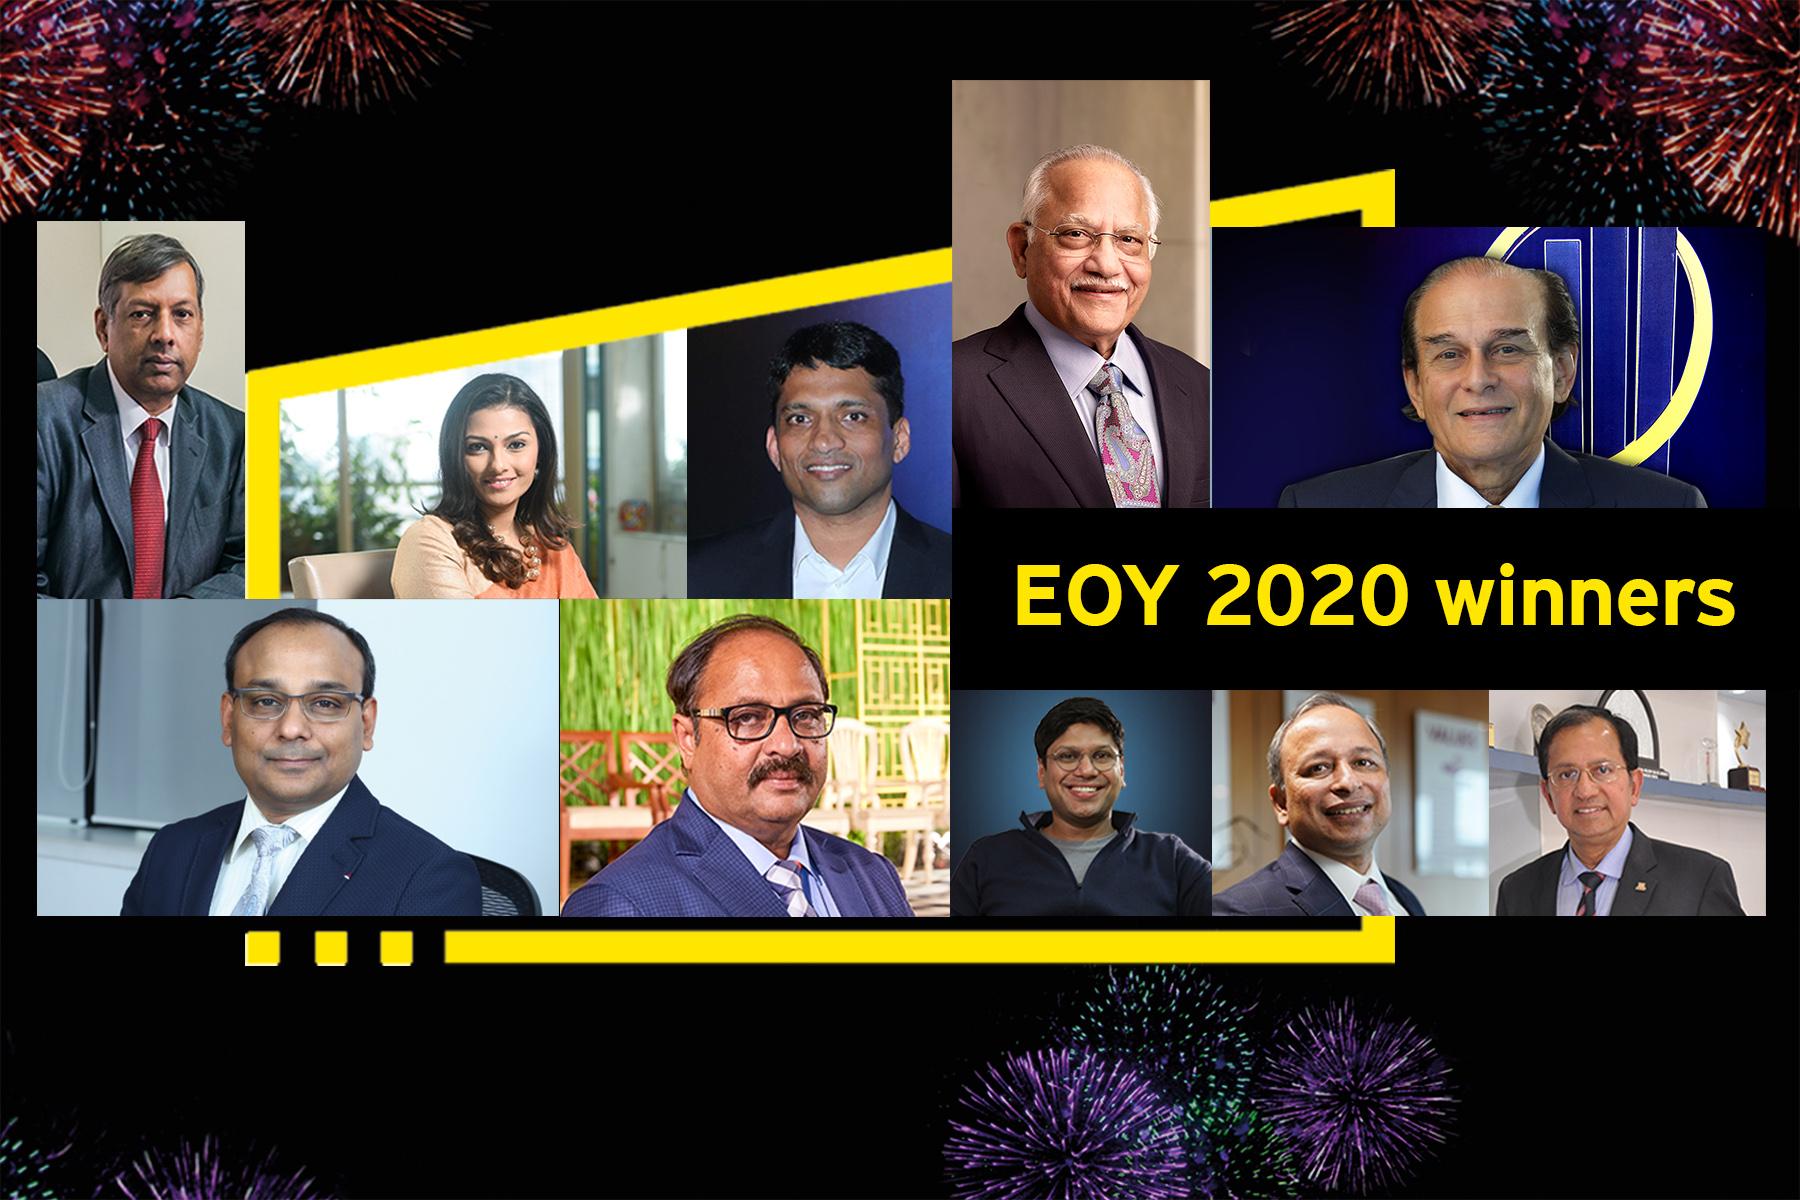 EOY Finalists 2020